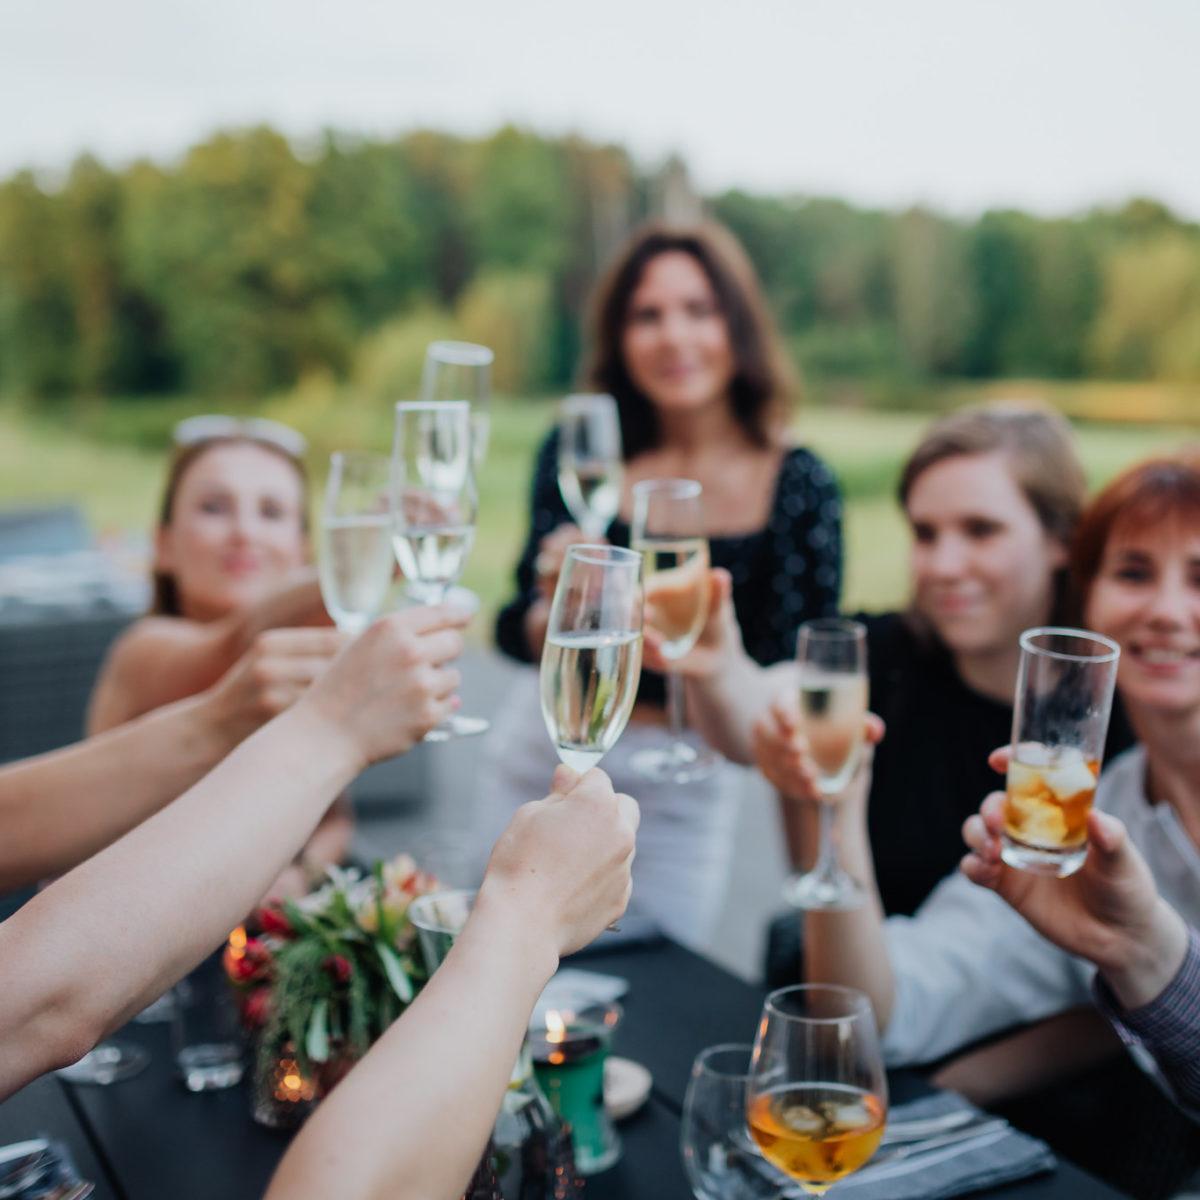 Relaks z grupą przyjaciół